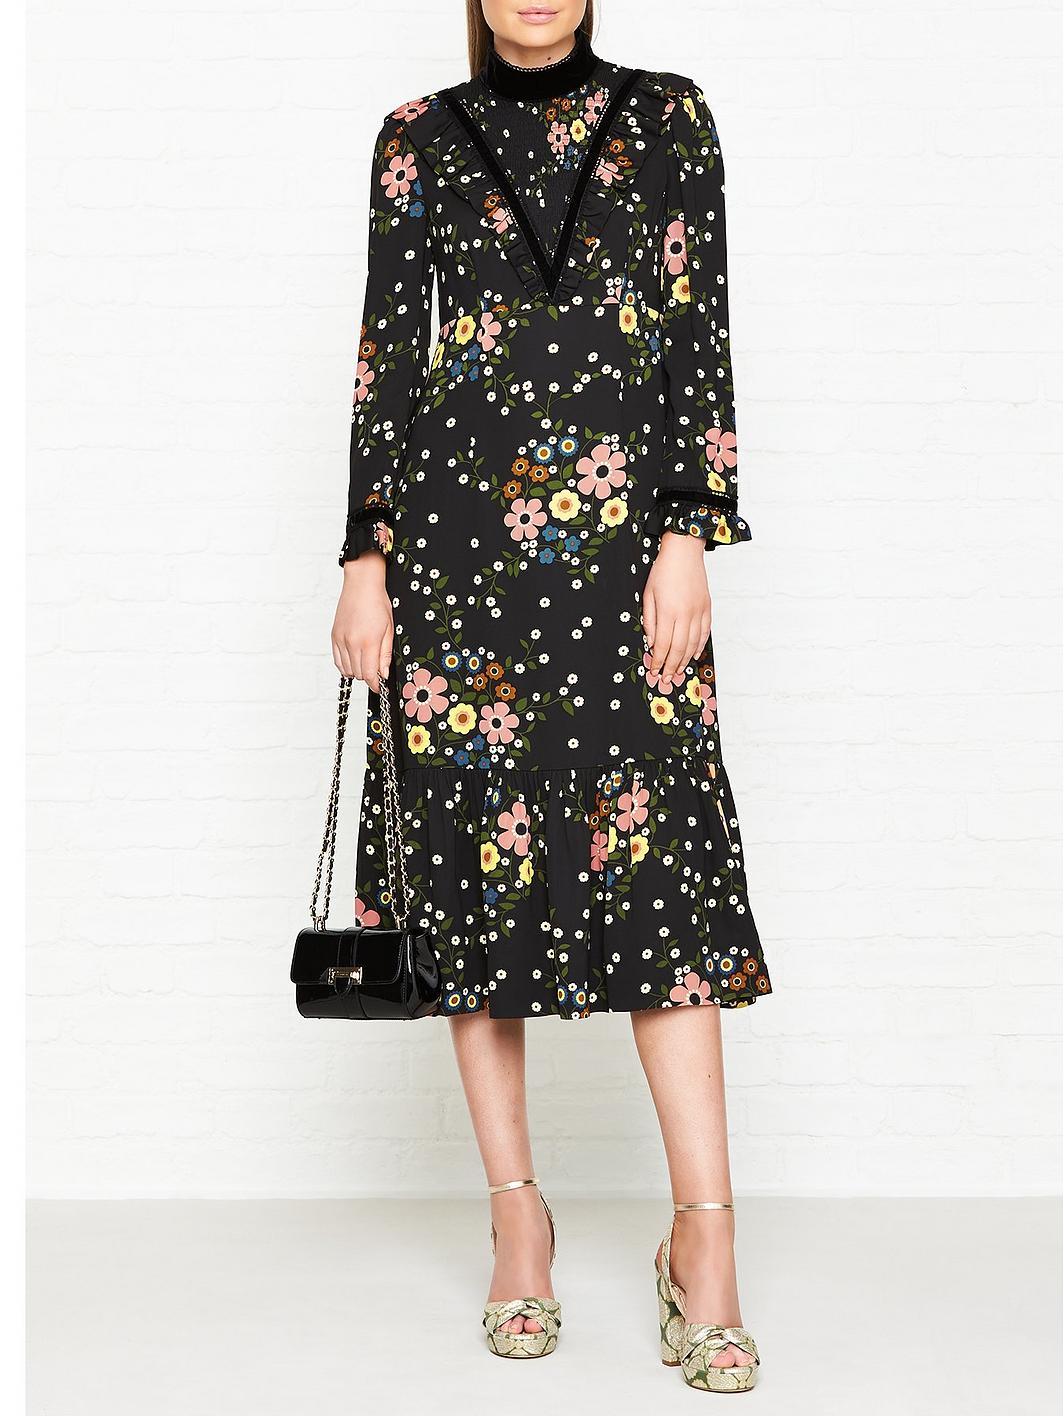 Orla Kiely x Leith Margaret Smock Dress, as worn by Kate Middleton